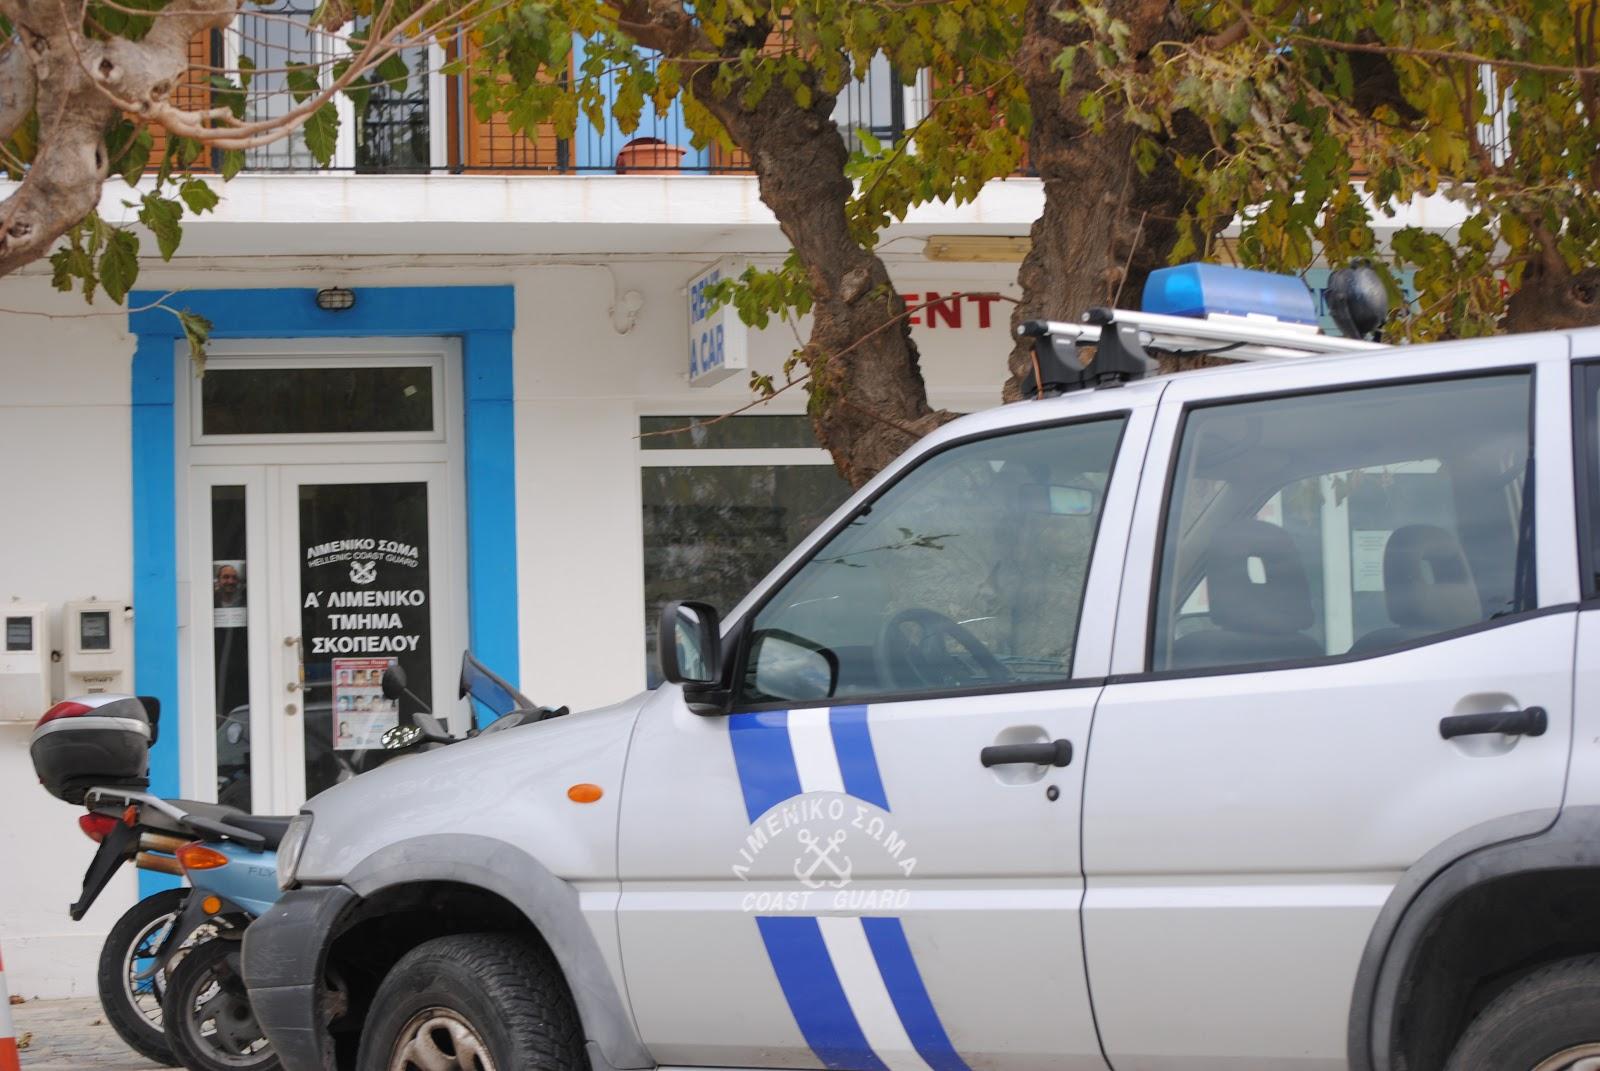 Α ΛΙΜΕΝΙΚΟ ΤΜΗΜΑ ΣΚΟΠΕΛΟΥ Hellenic Coast Guard